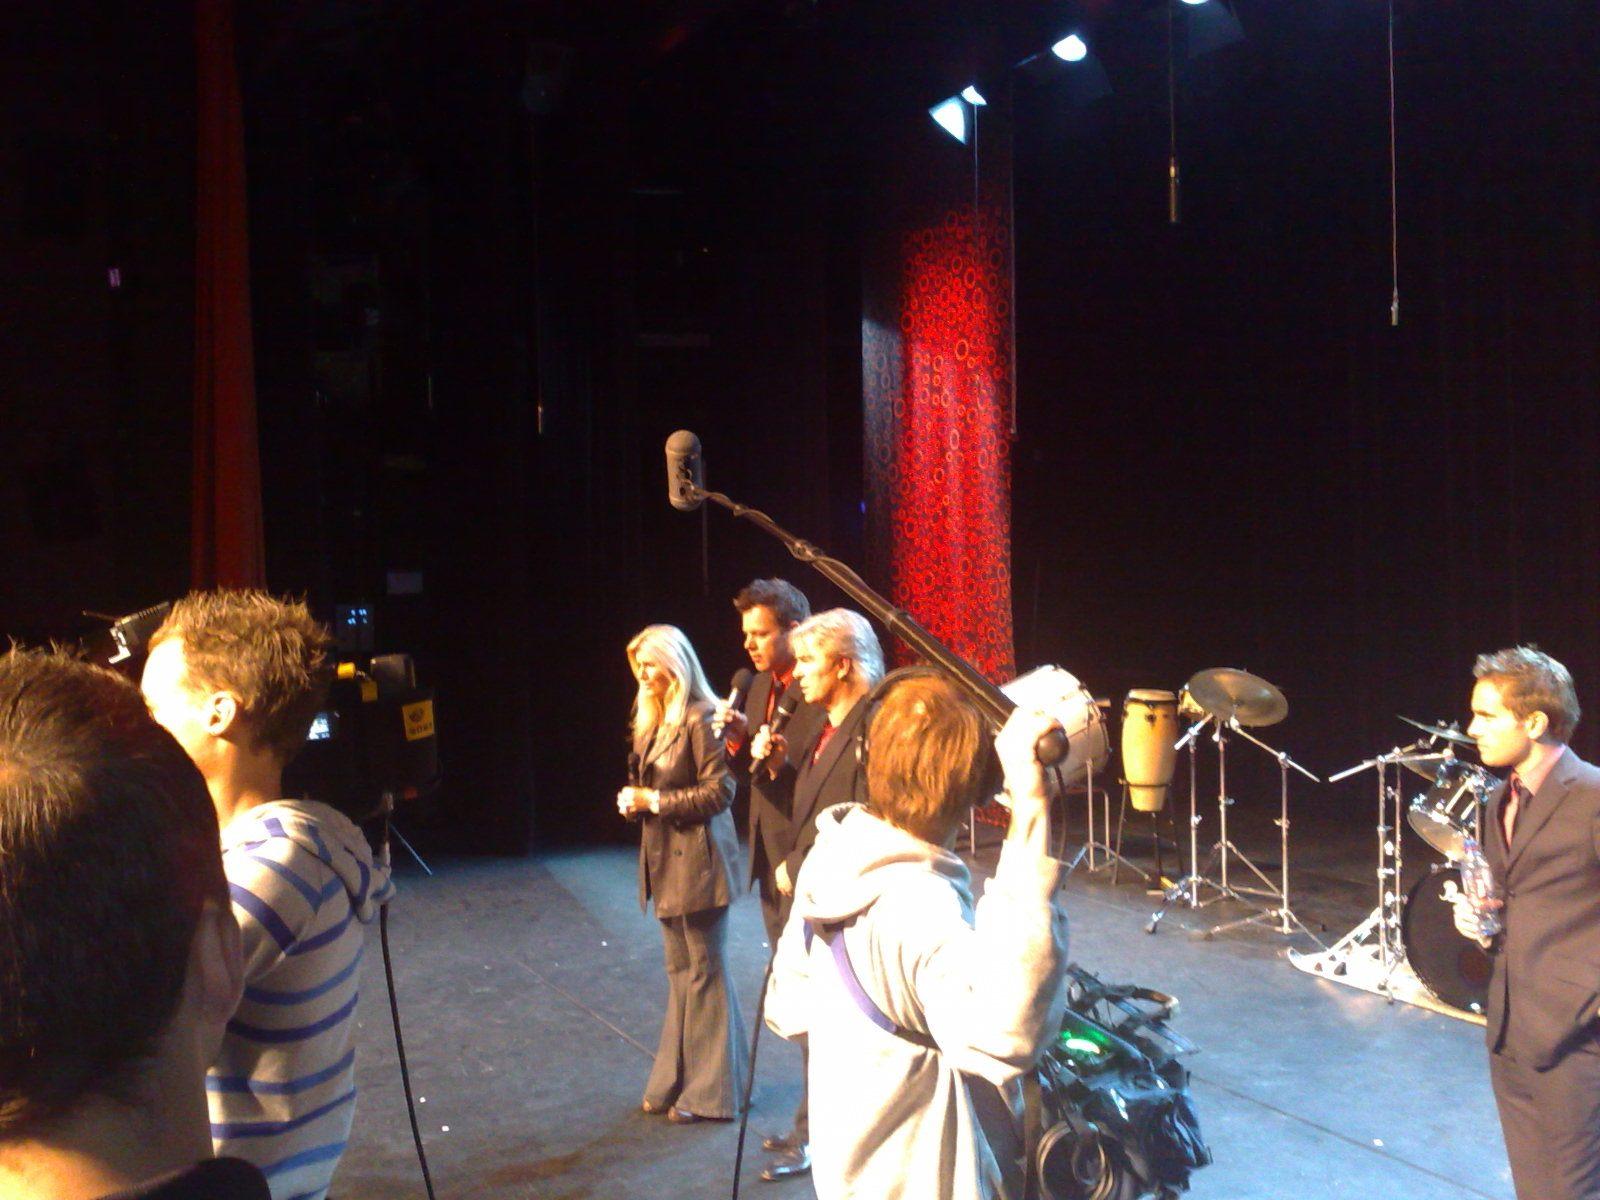 Dave On Stage Het Kruispunt Barendrecht Guys n' Dolls Dominic Grant & Julie Forsyth Dave van der Wal Grant & Forsyth